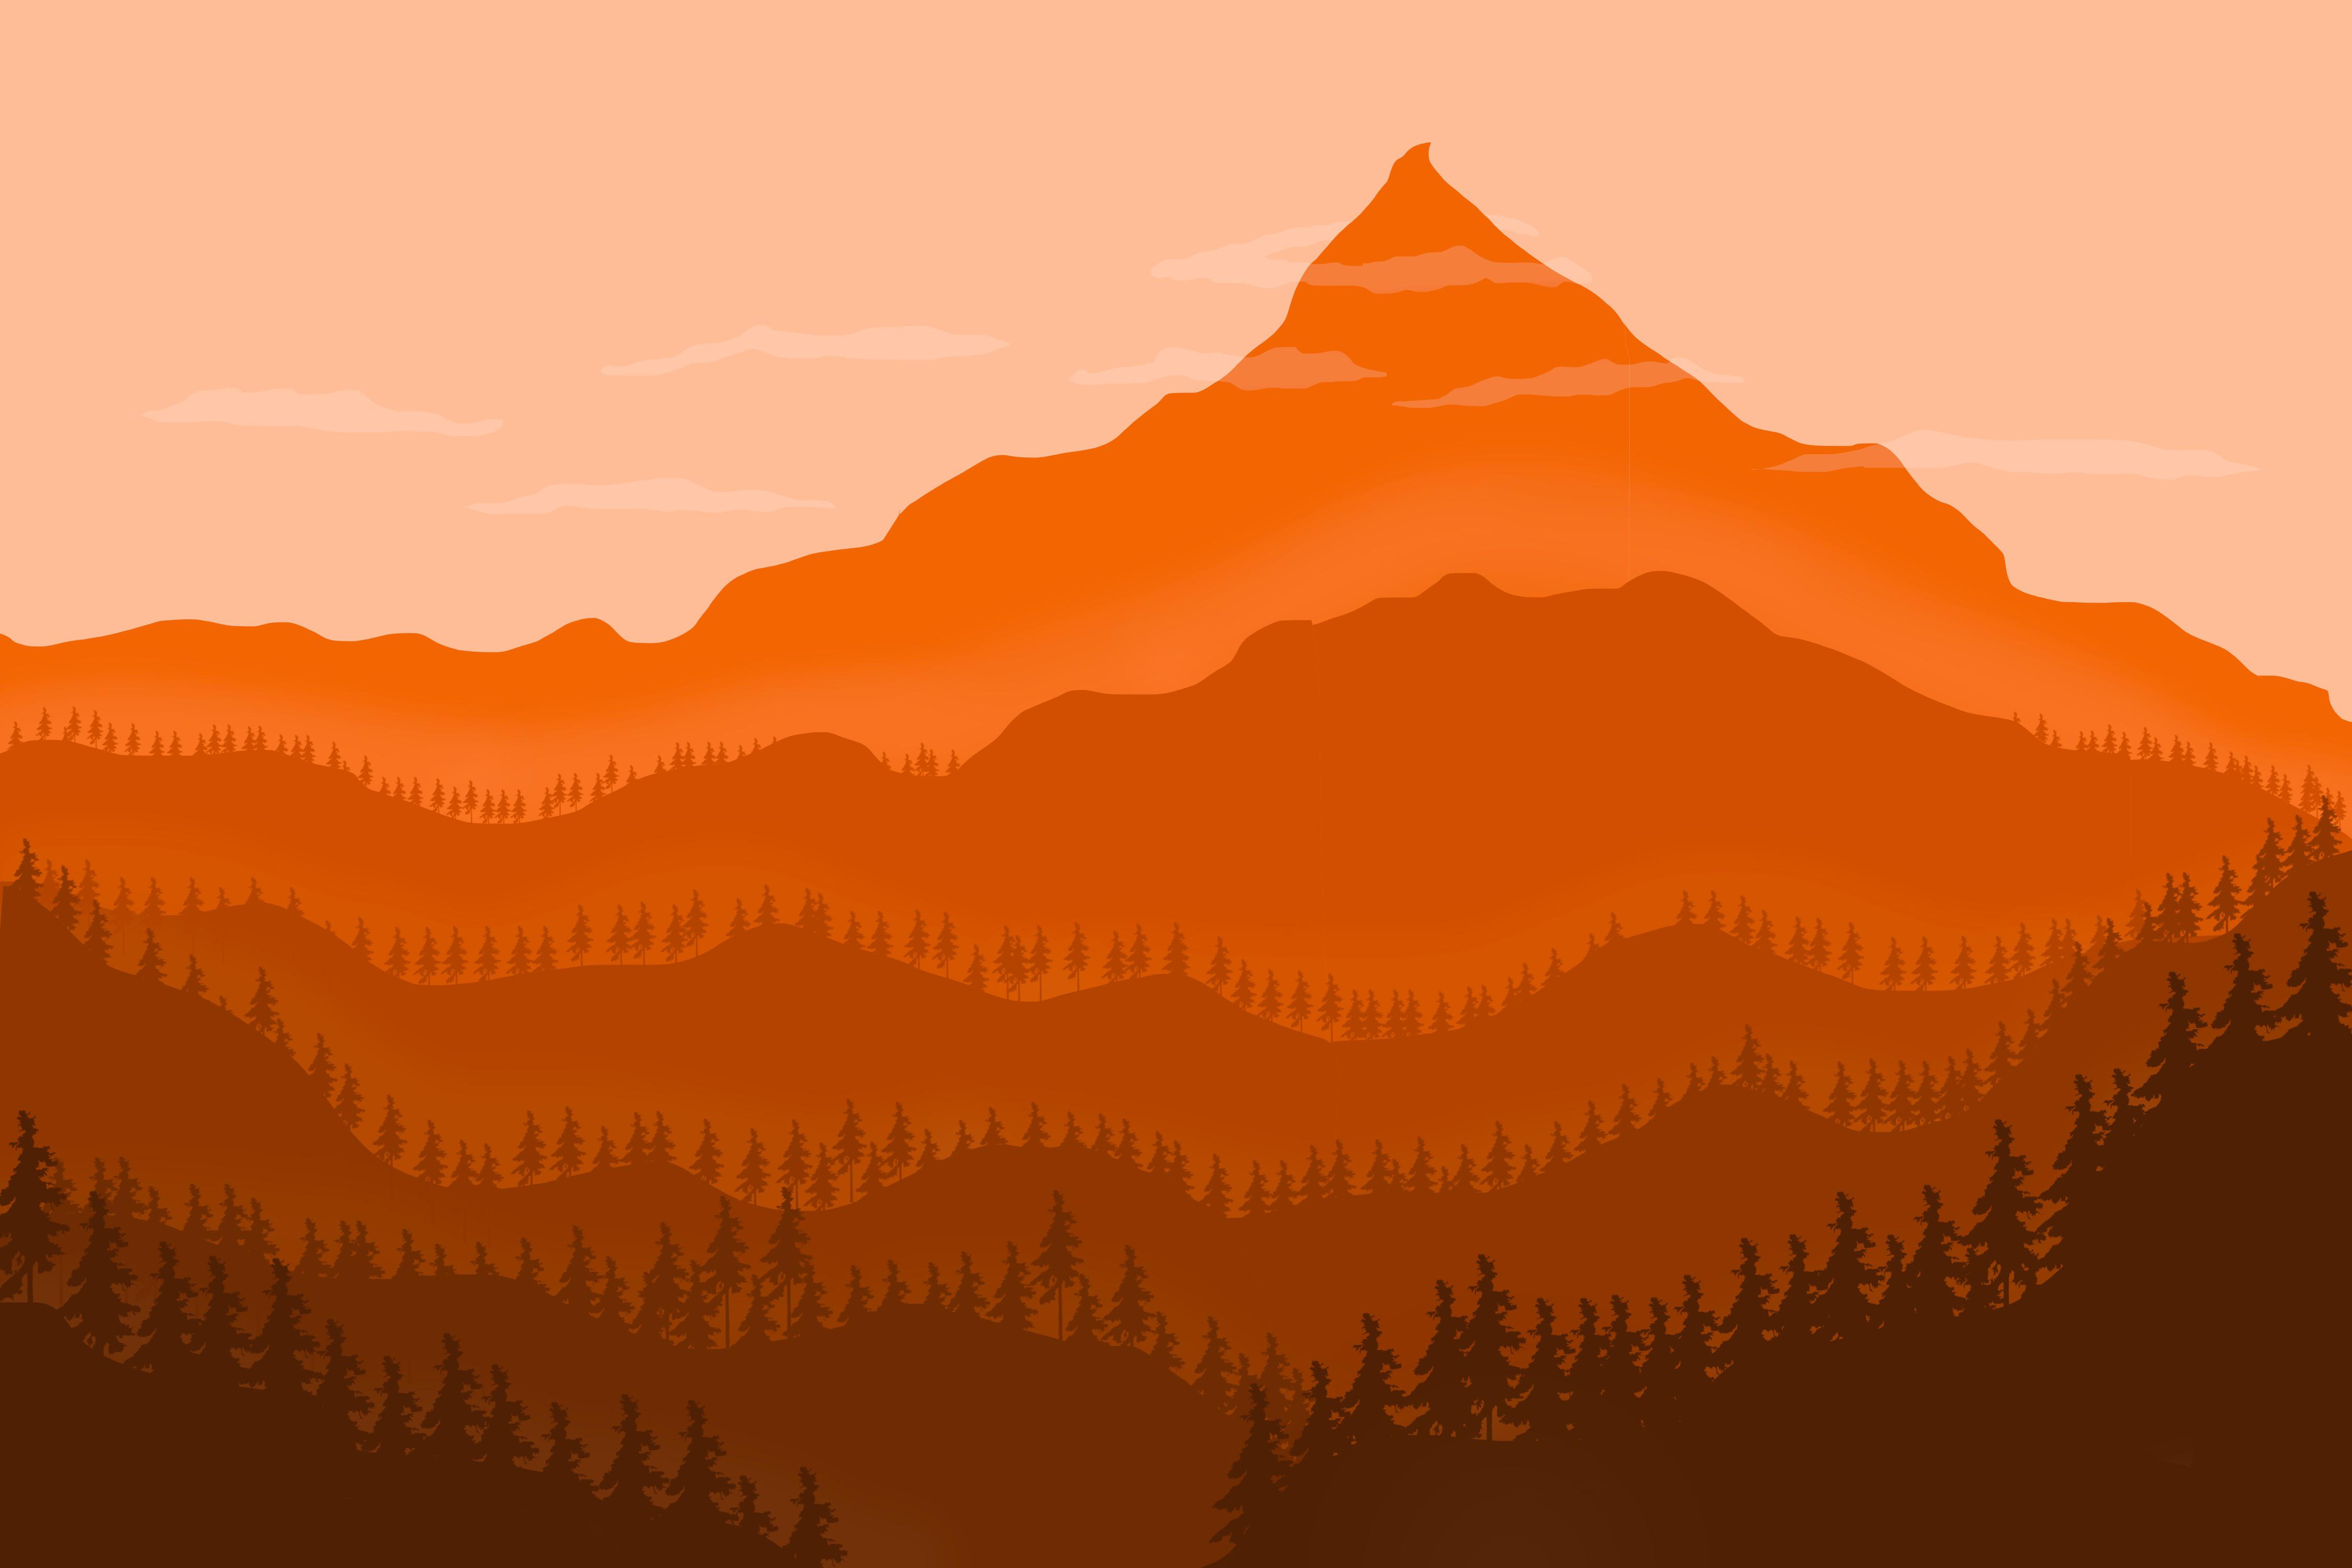 Minimalist Mountain Landscape 4K wallpaper